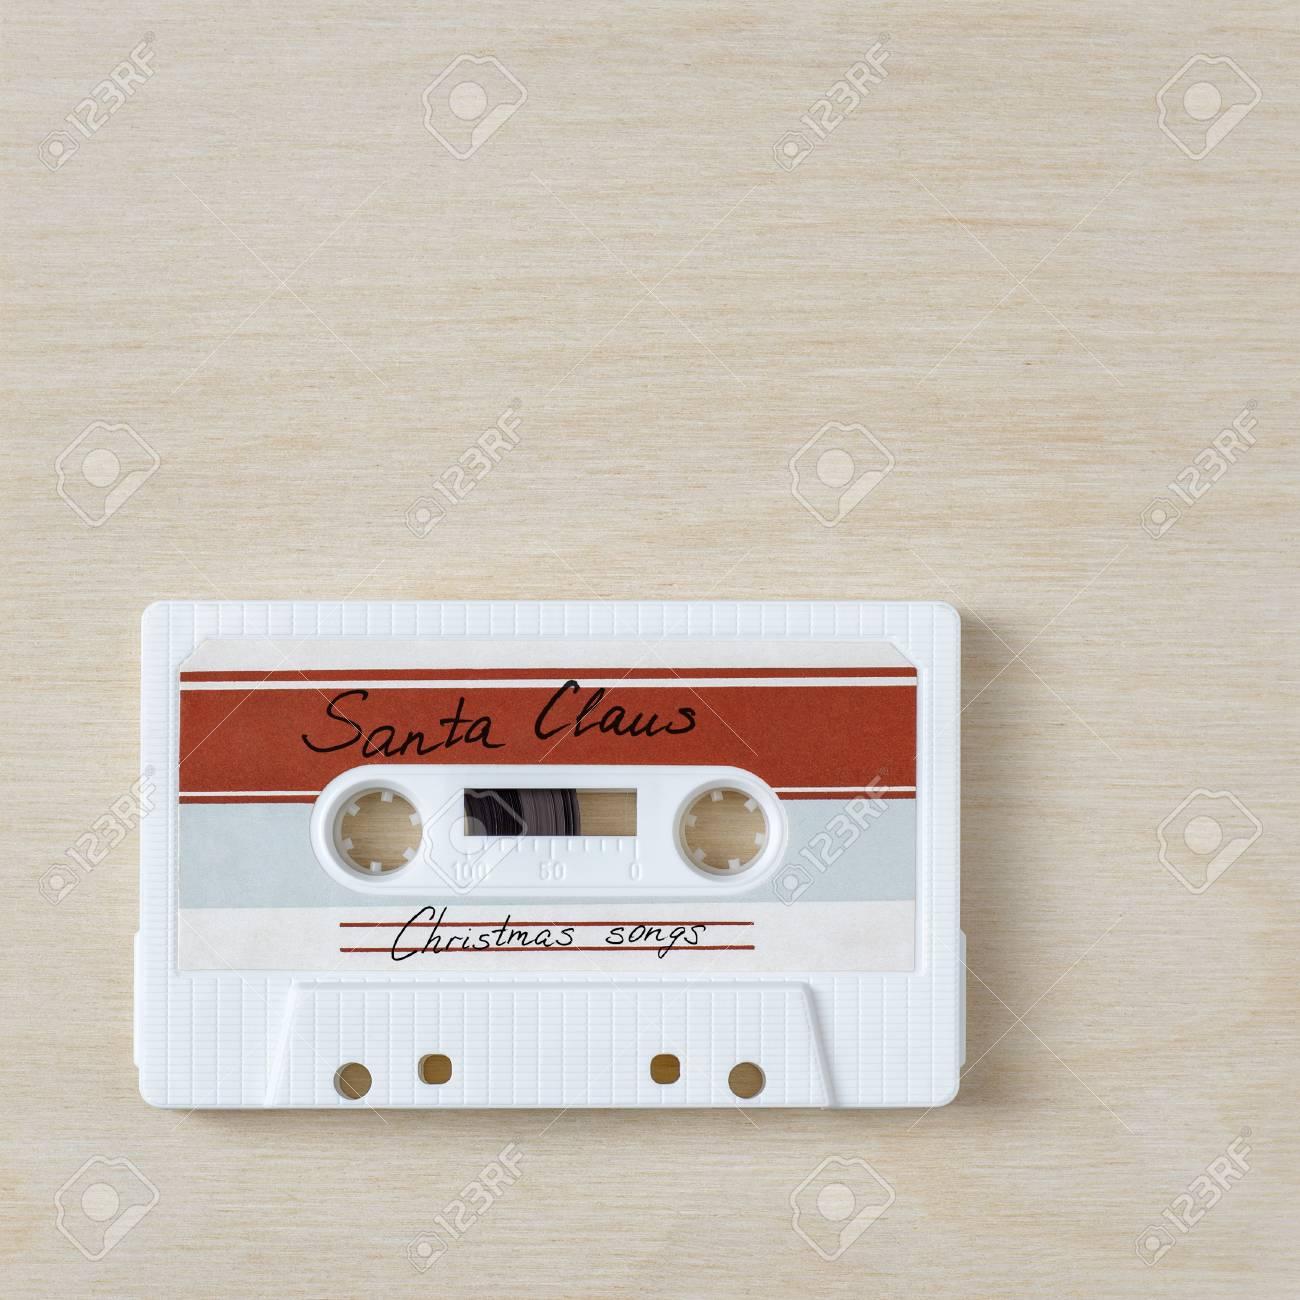 Votos de um Feliz Natal 90342037-vintage-audio-cassette-tape-with-christmas-songs-on-wooden-background